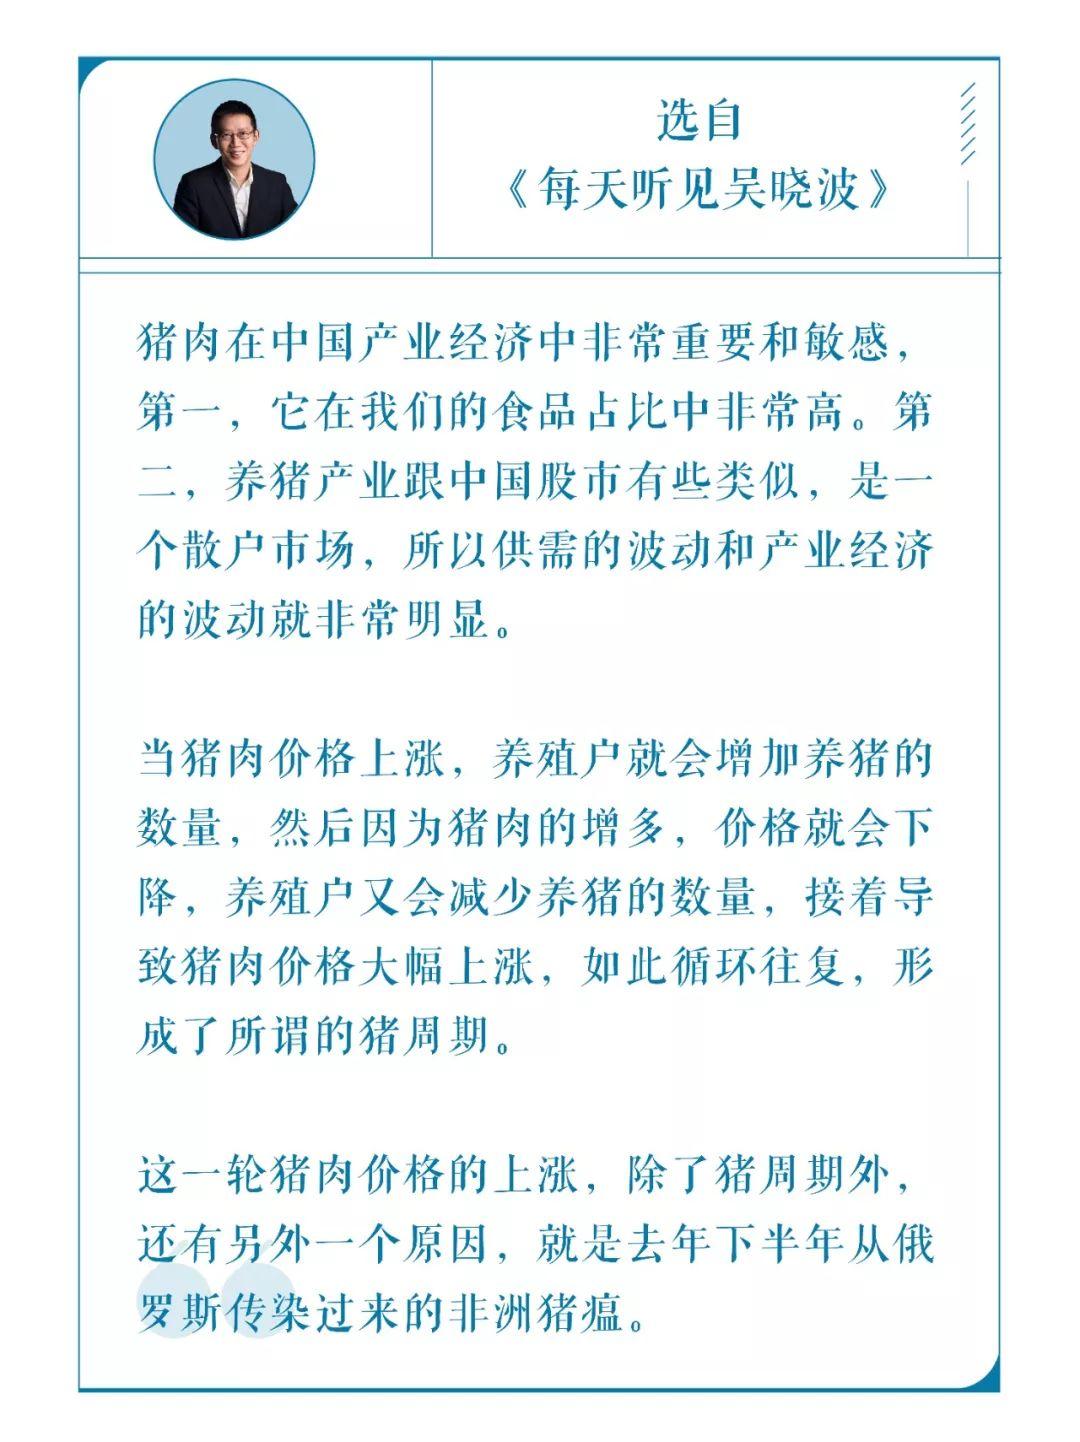 lc8乐橙开户首页 - 中色东方转让宁夏东方钽业全部股权 底价4.3亿